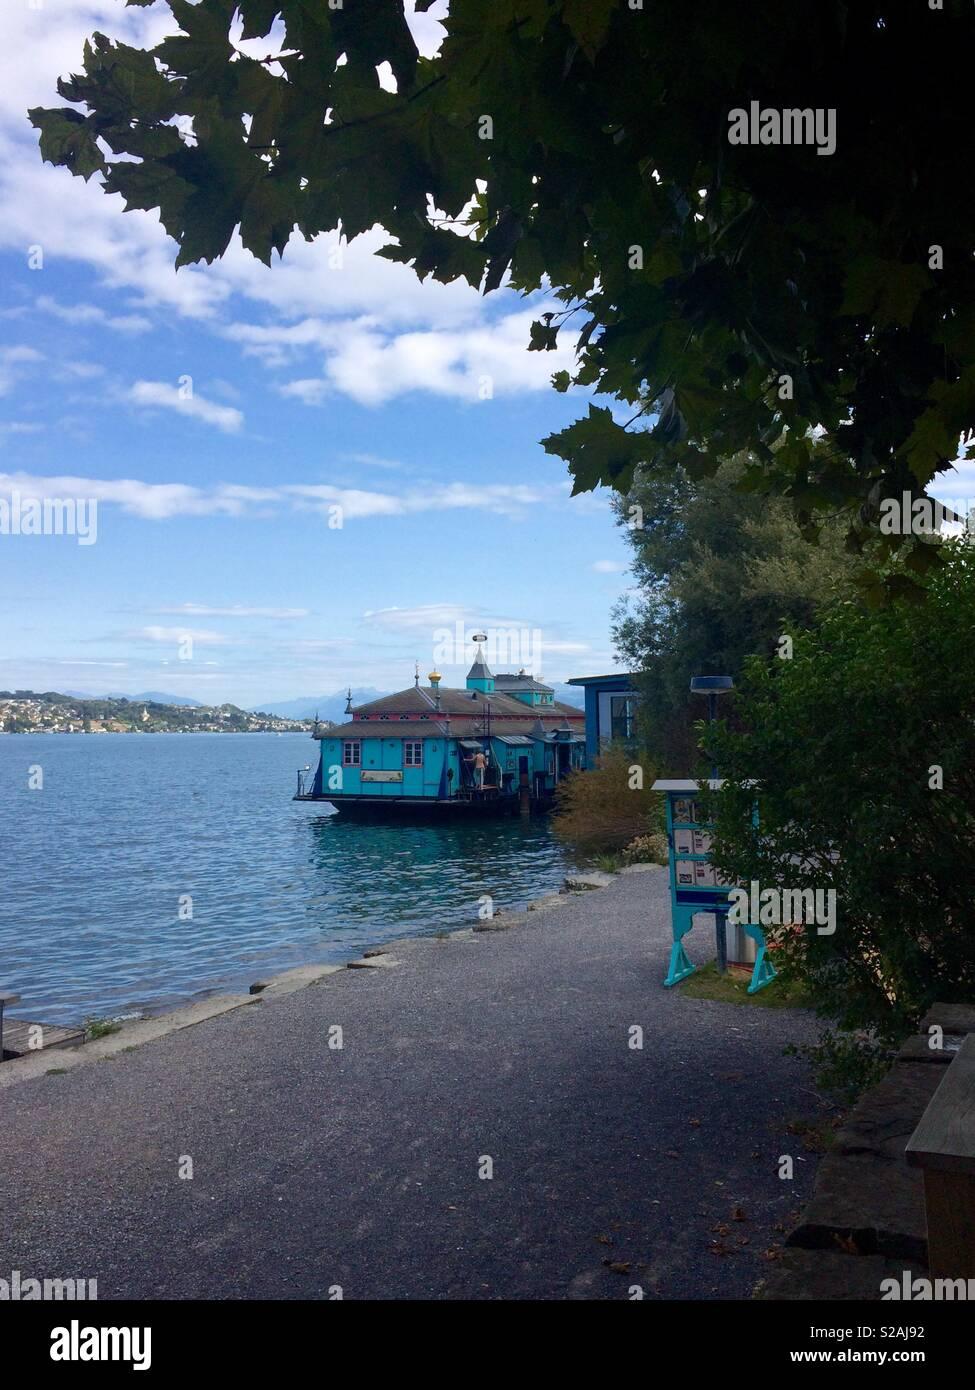 Banos Lago.Vista De Thalwil Badi O Casa De Banos En Zurichsee O Lago De